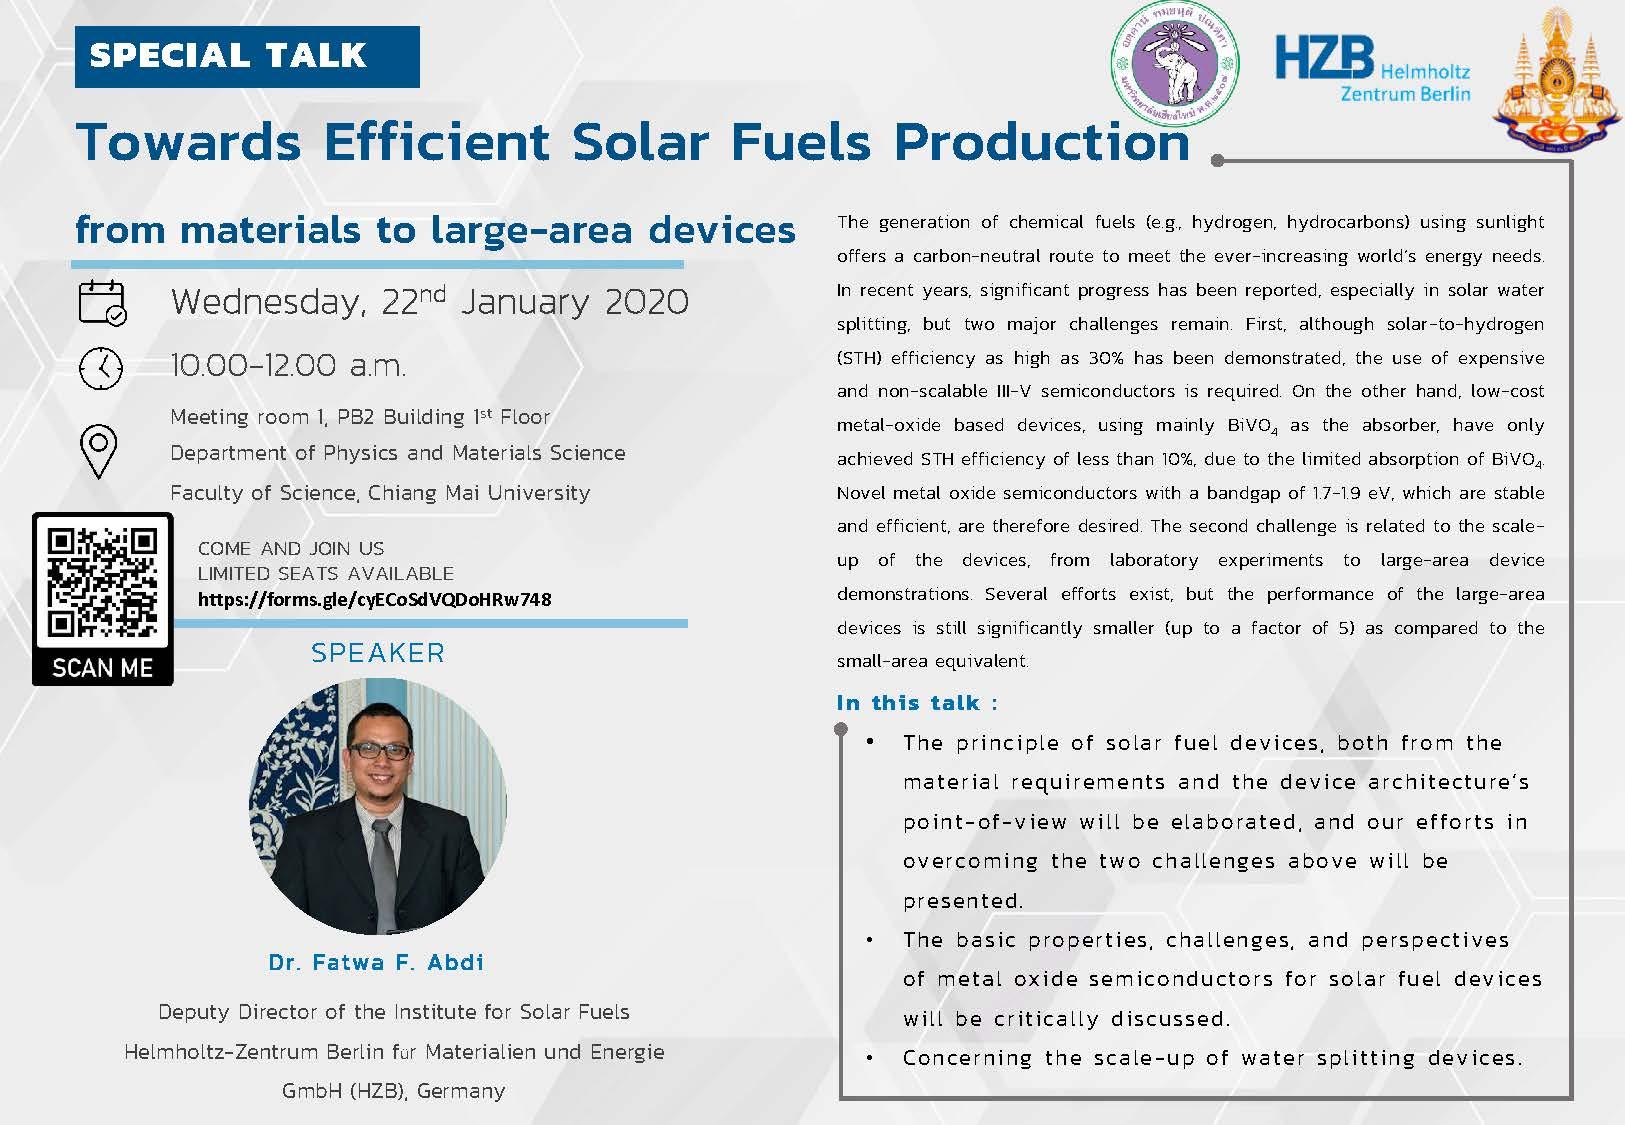 ขอเชิญรับฟังบรรยายพิเศษ ในหัวข้อเรื่อง Towards Efficient Solar Fuels Production - from materials to large-area devices